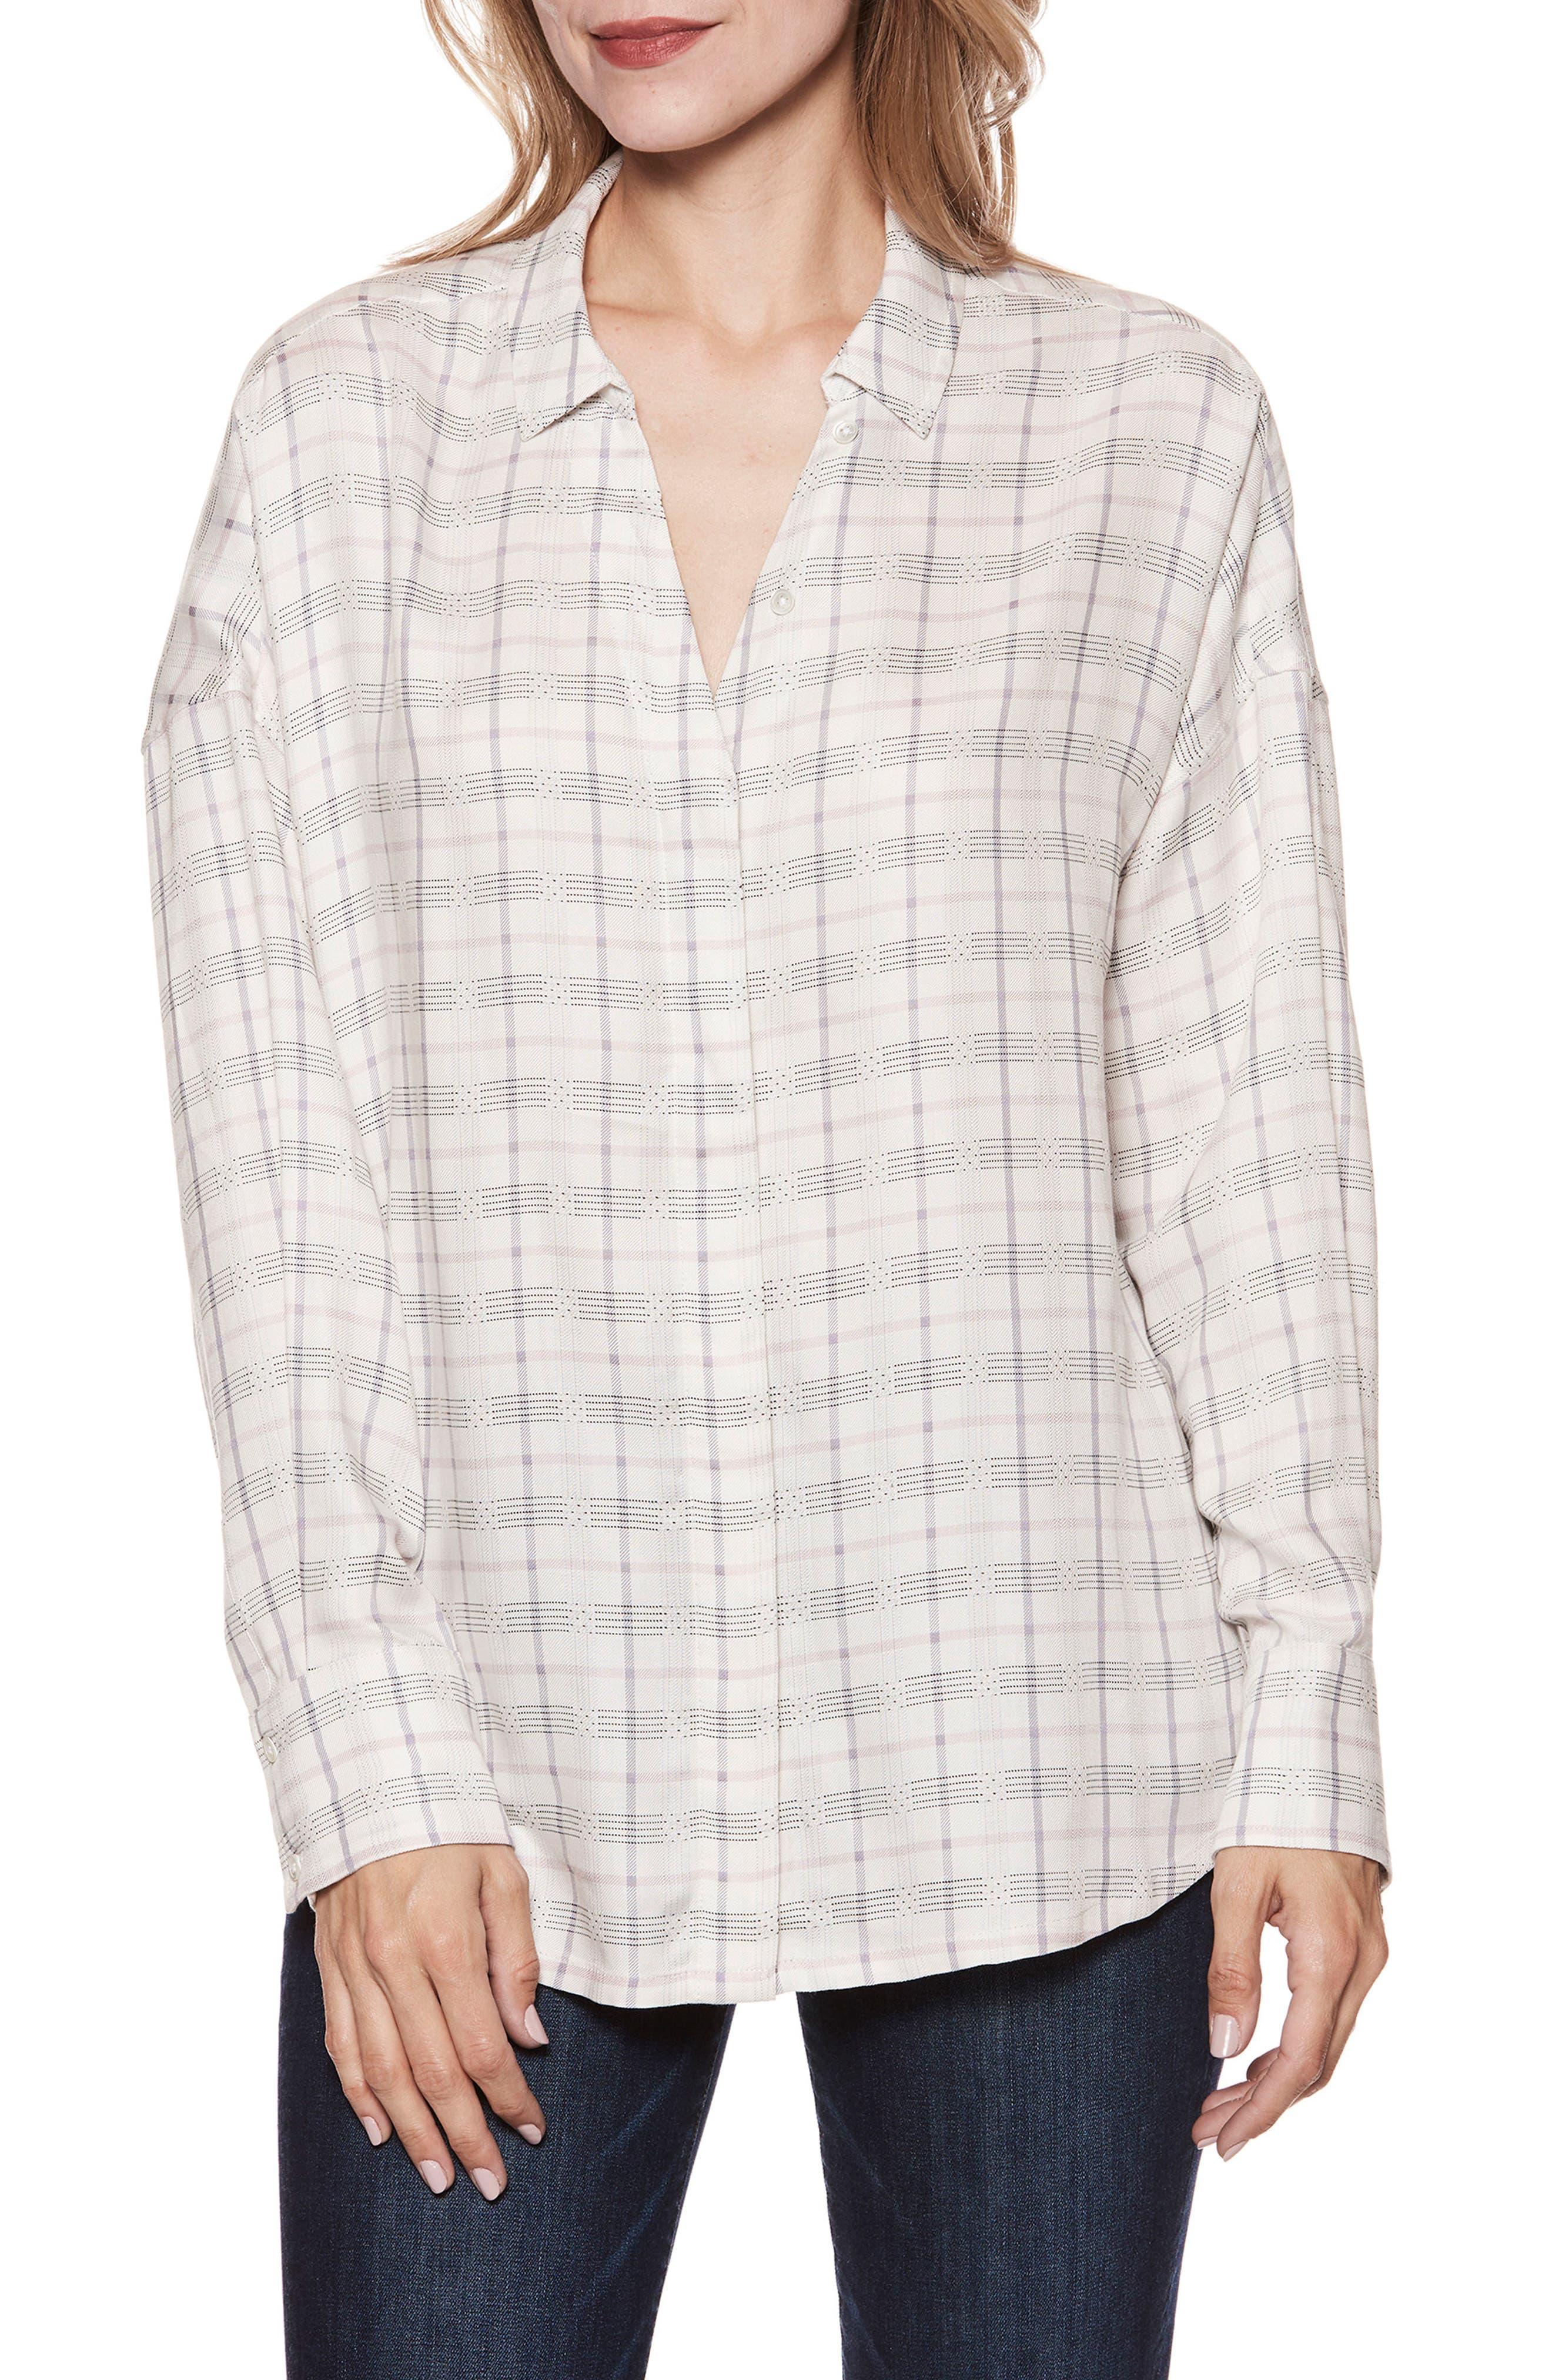 Delisa Check Shirt,                         Main,                         color, 100